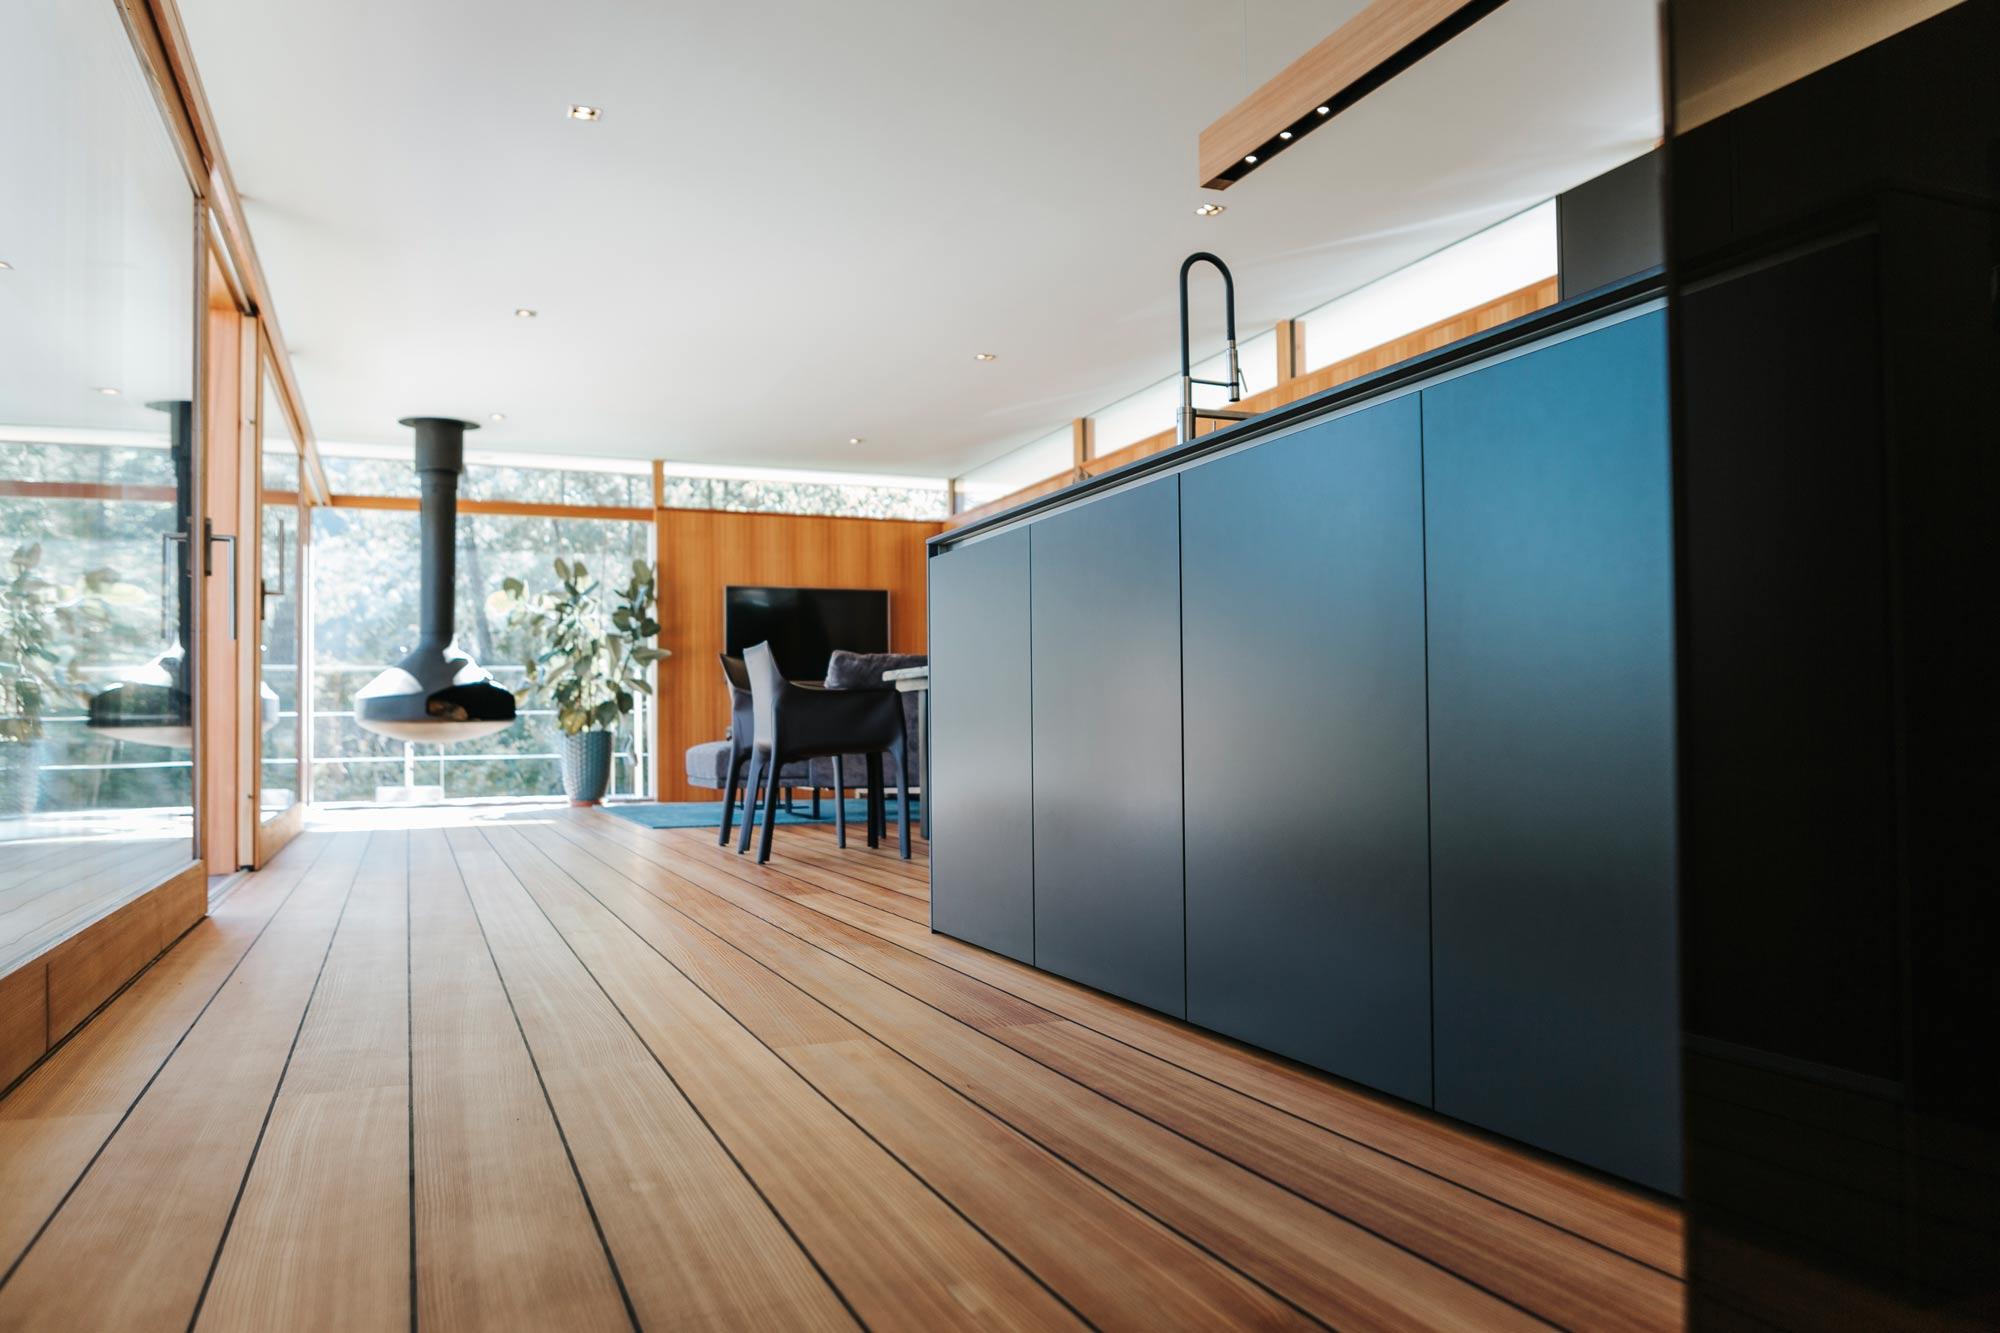 Bootshaus Küche Ansicht in Wohnraum